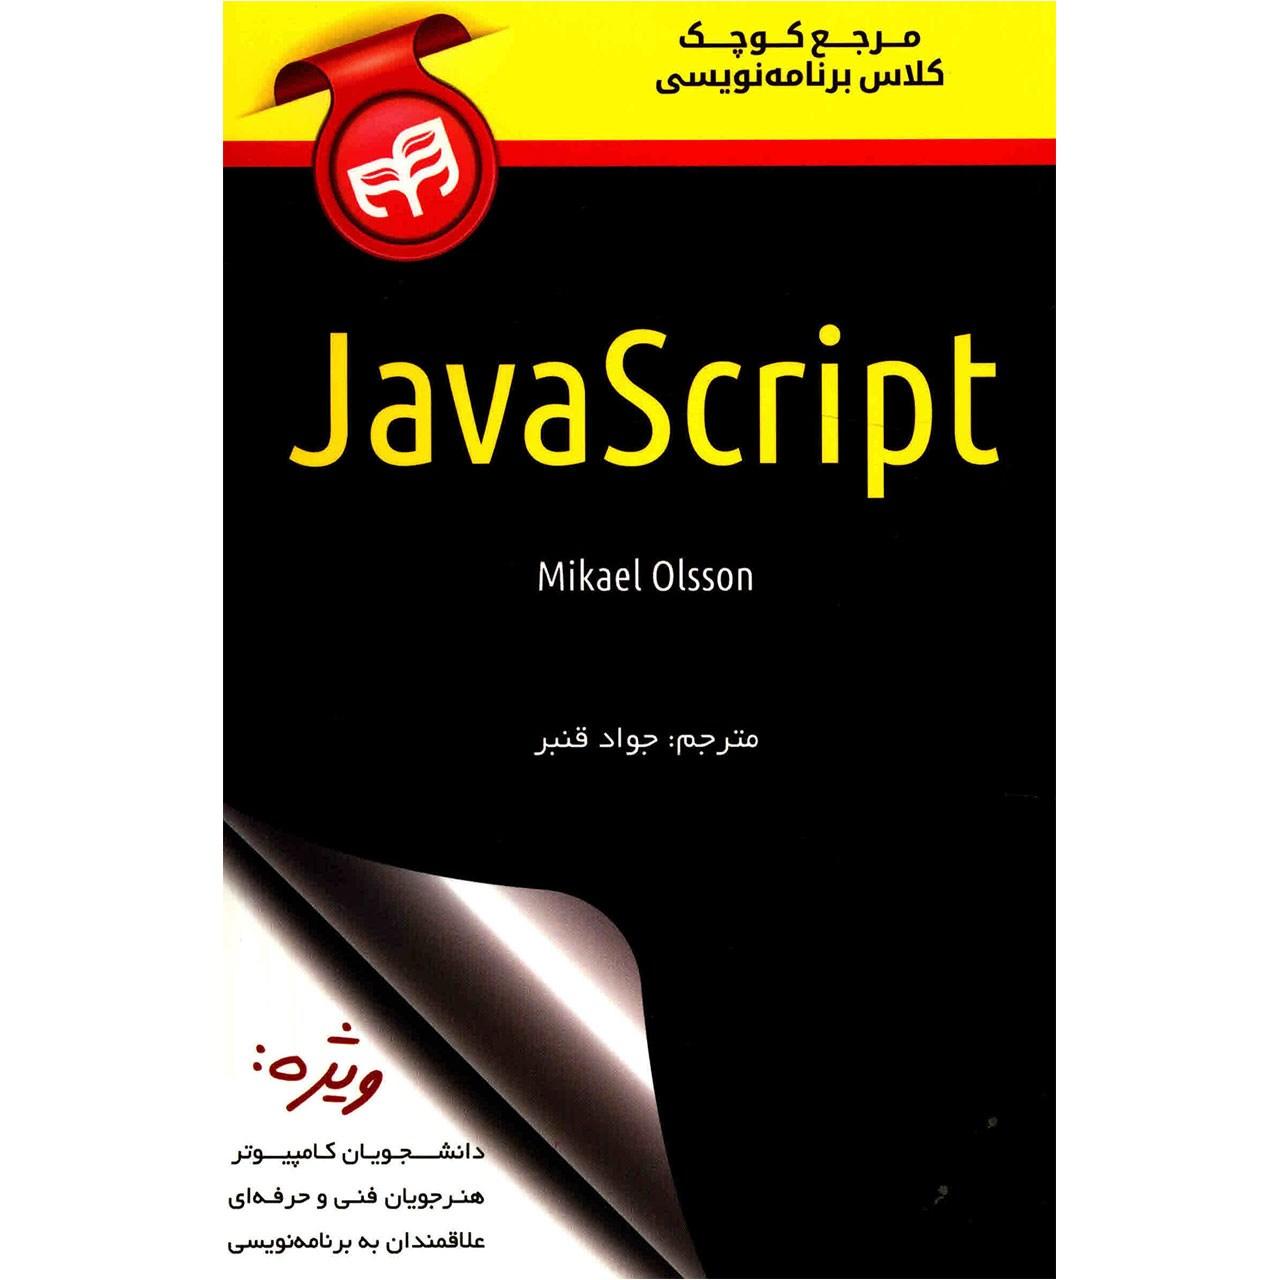 کتاب مرجع کوچک کلاس برنامه نویسی JavaScript اثر میکائل اولسون